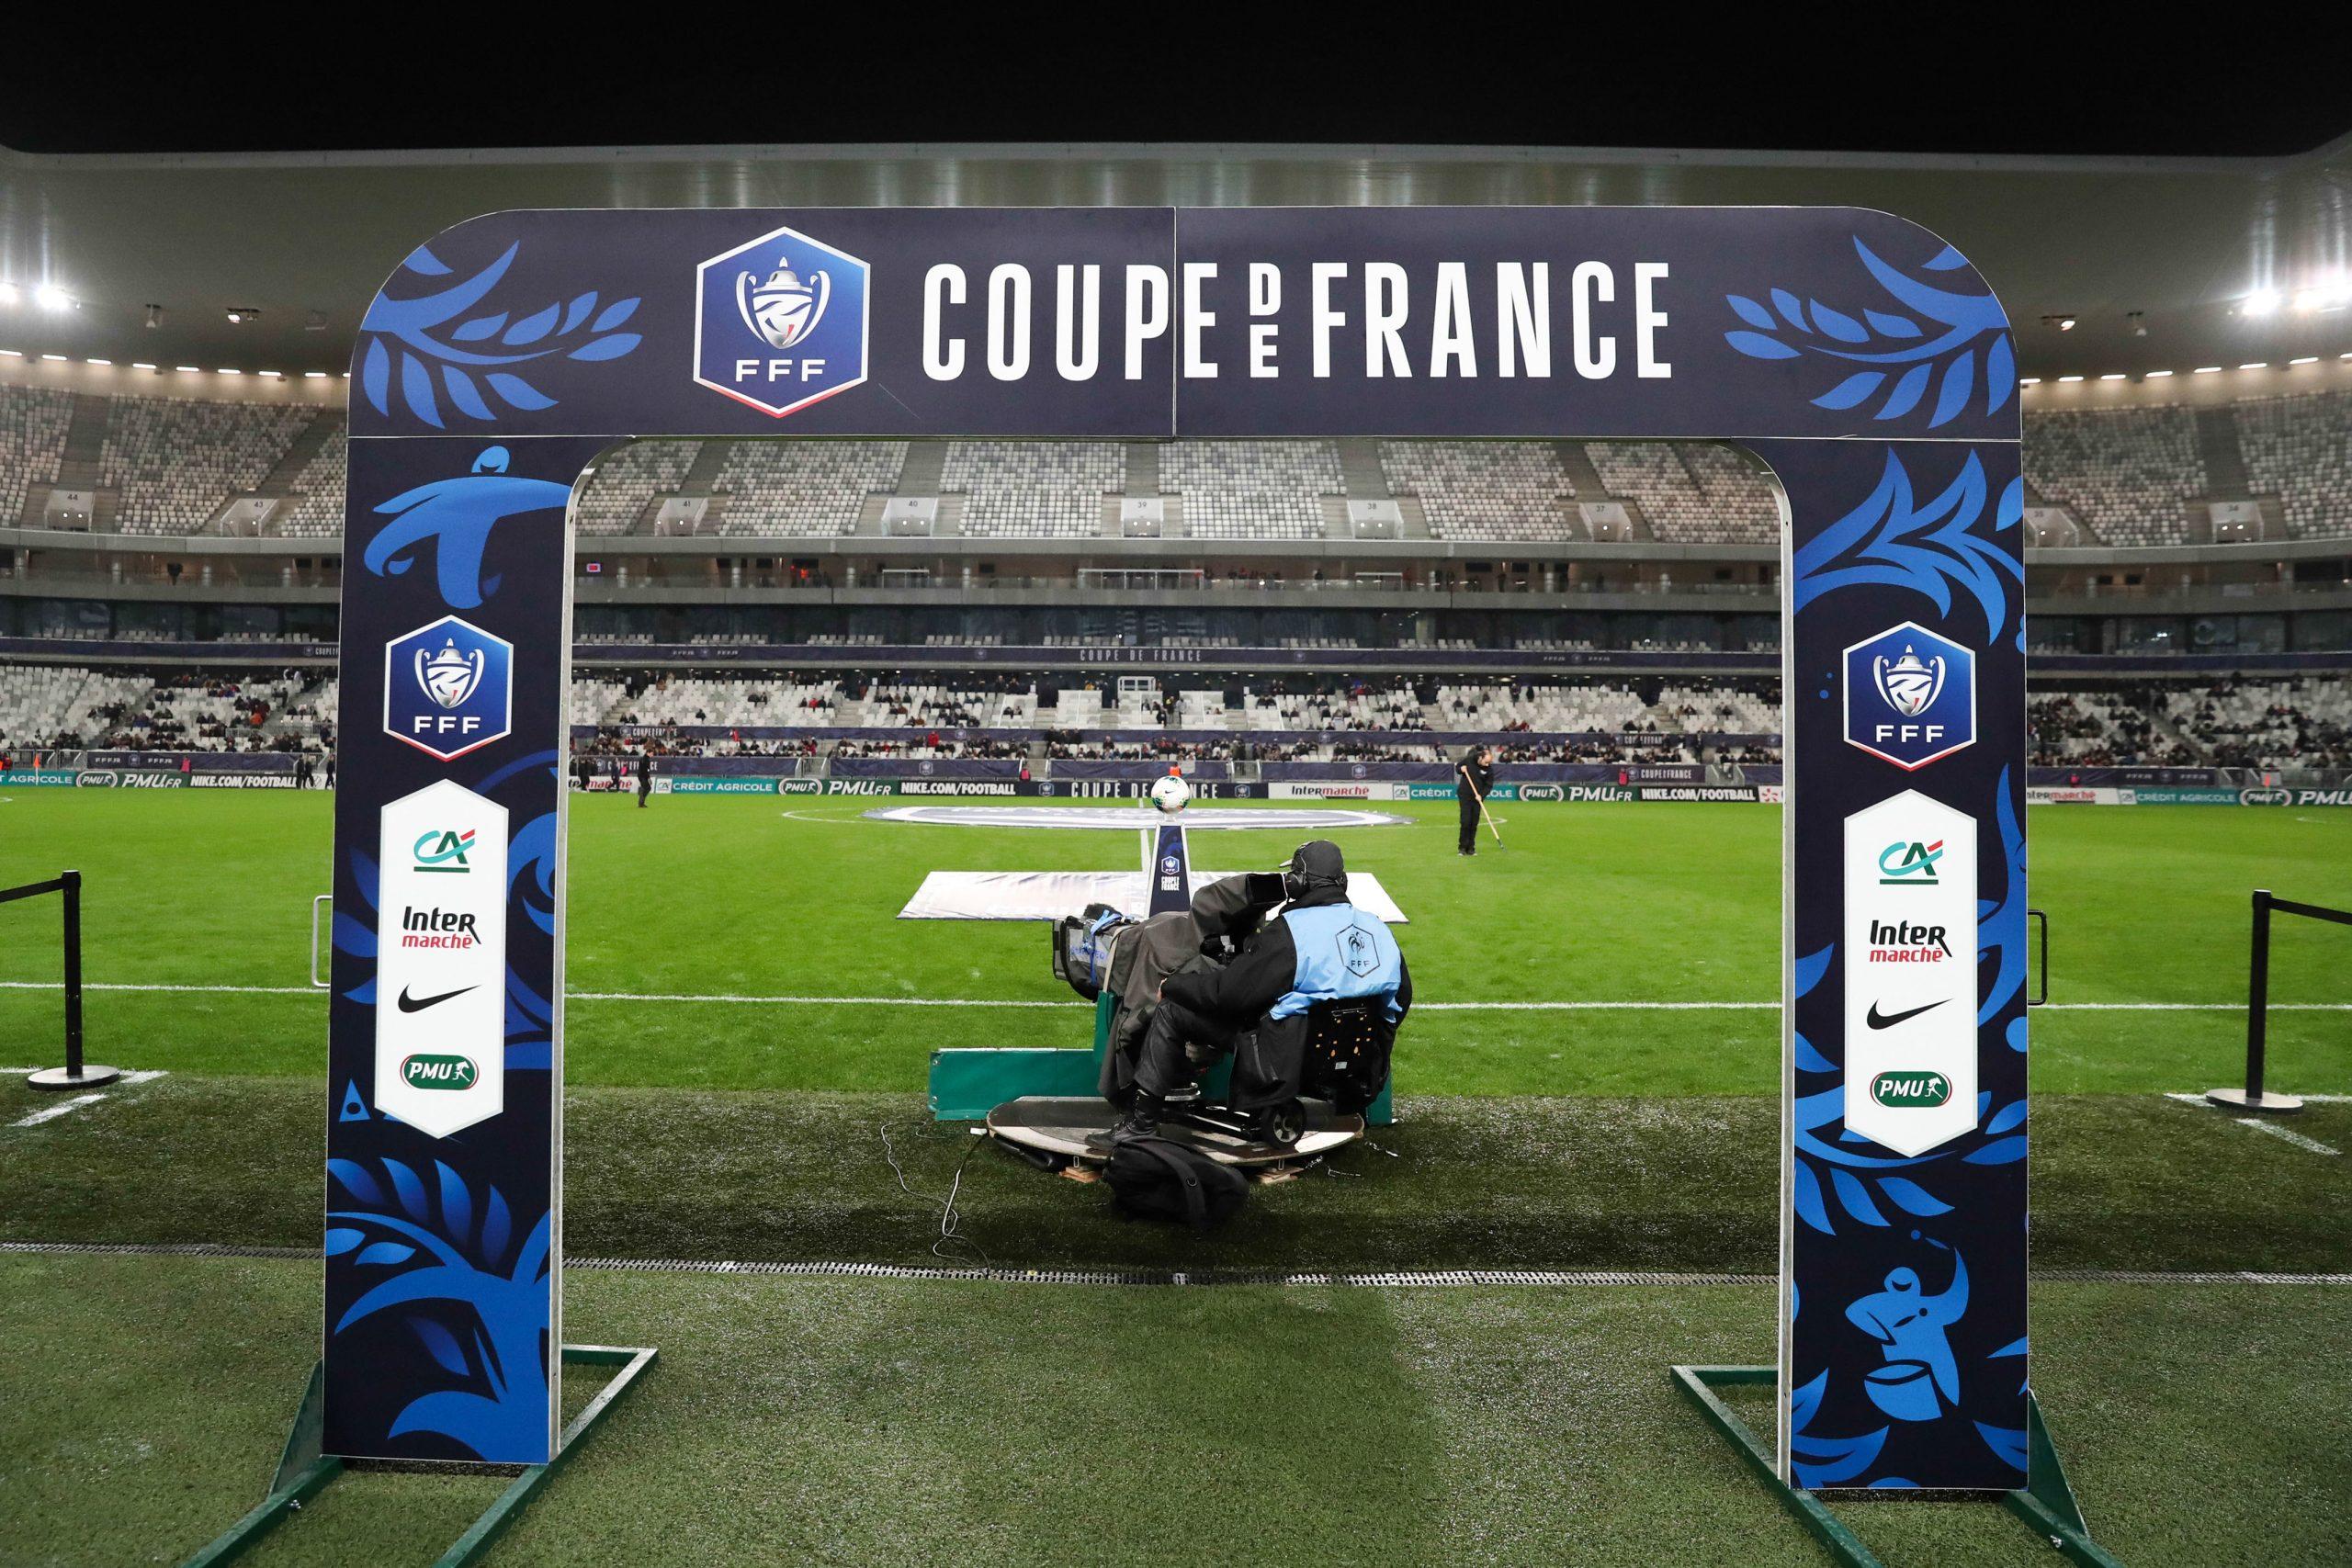 La FFF espère avoir 20 000 supporters pour la finale de Coupe de France, annonce RMC Sport